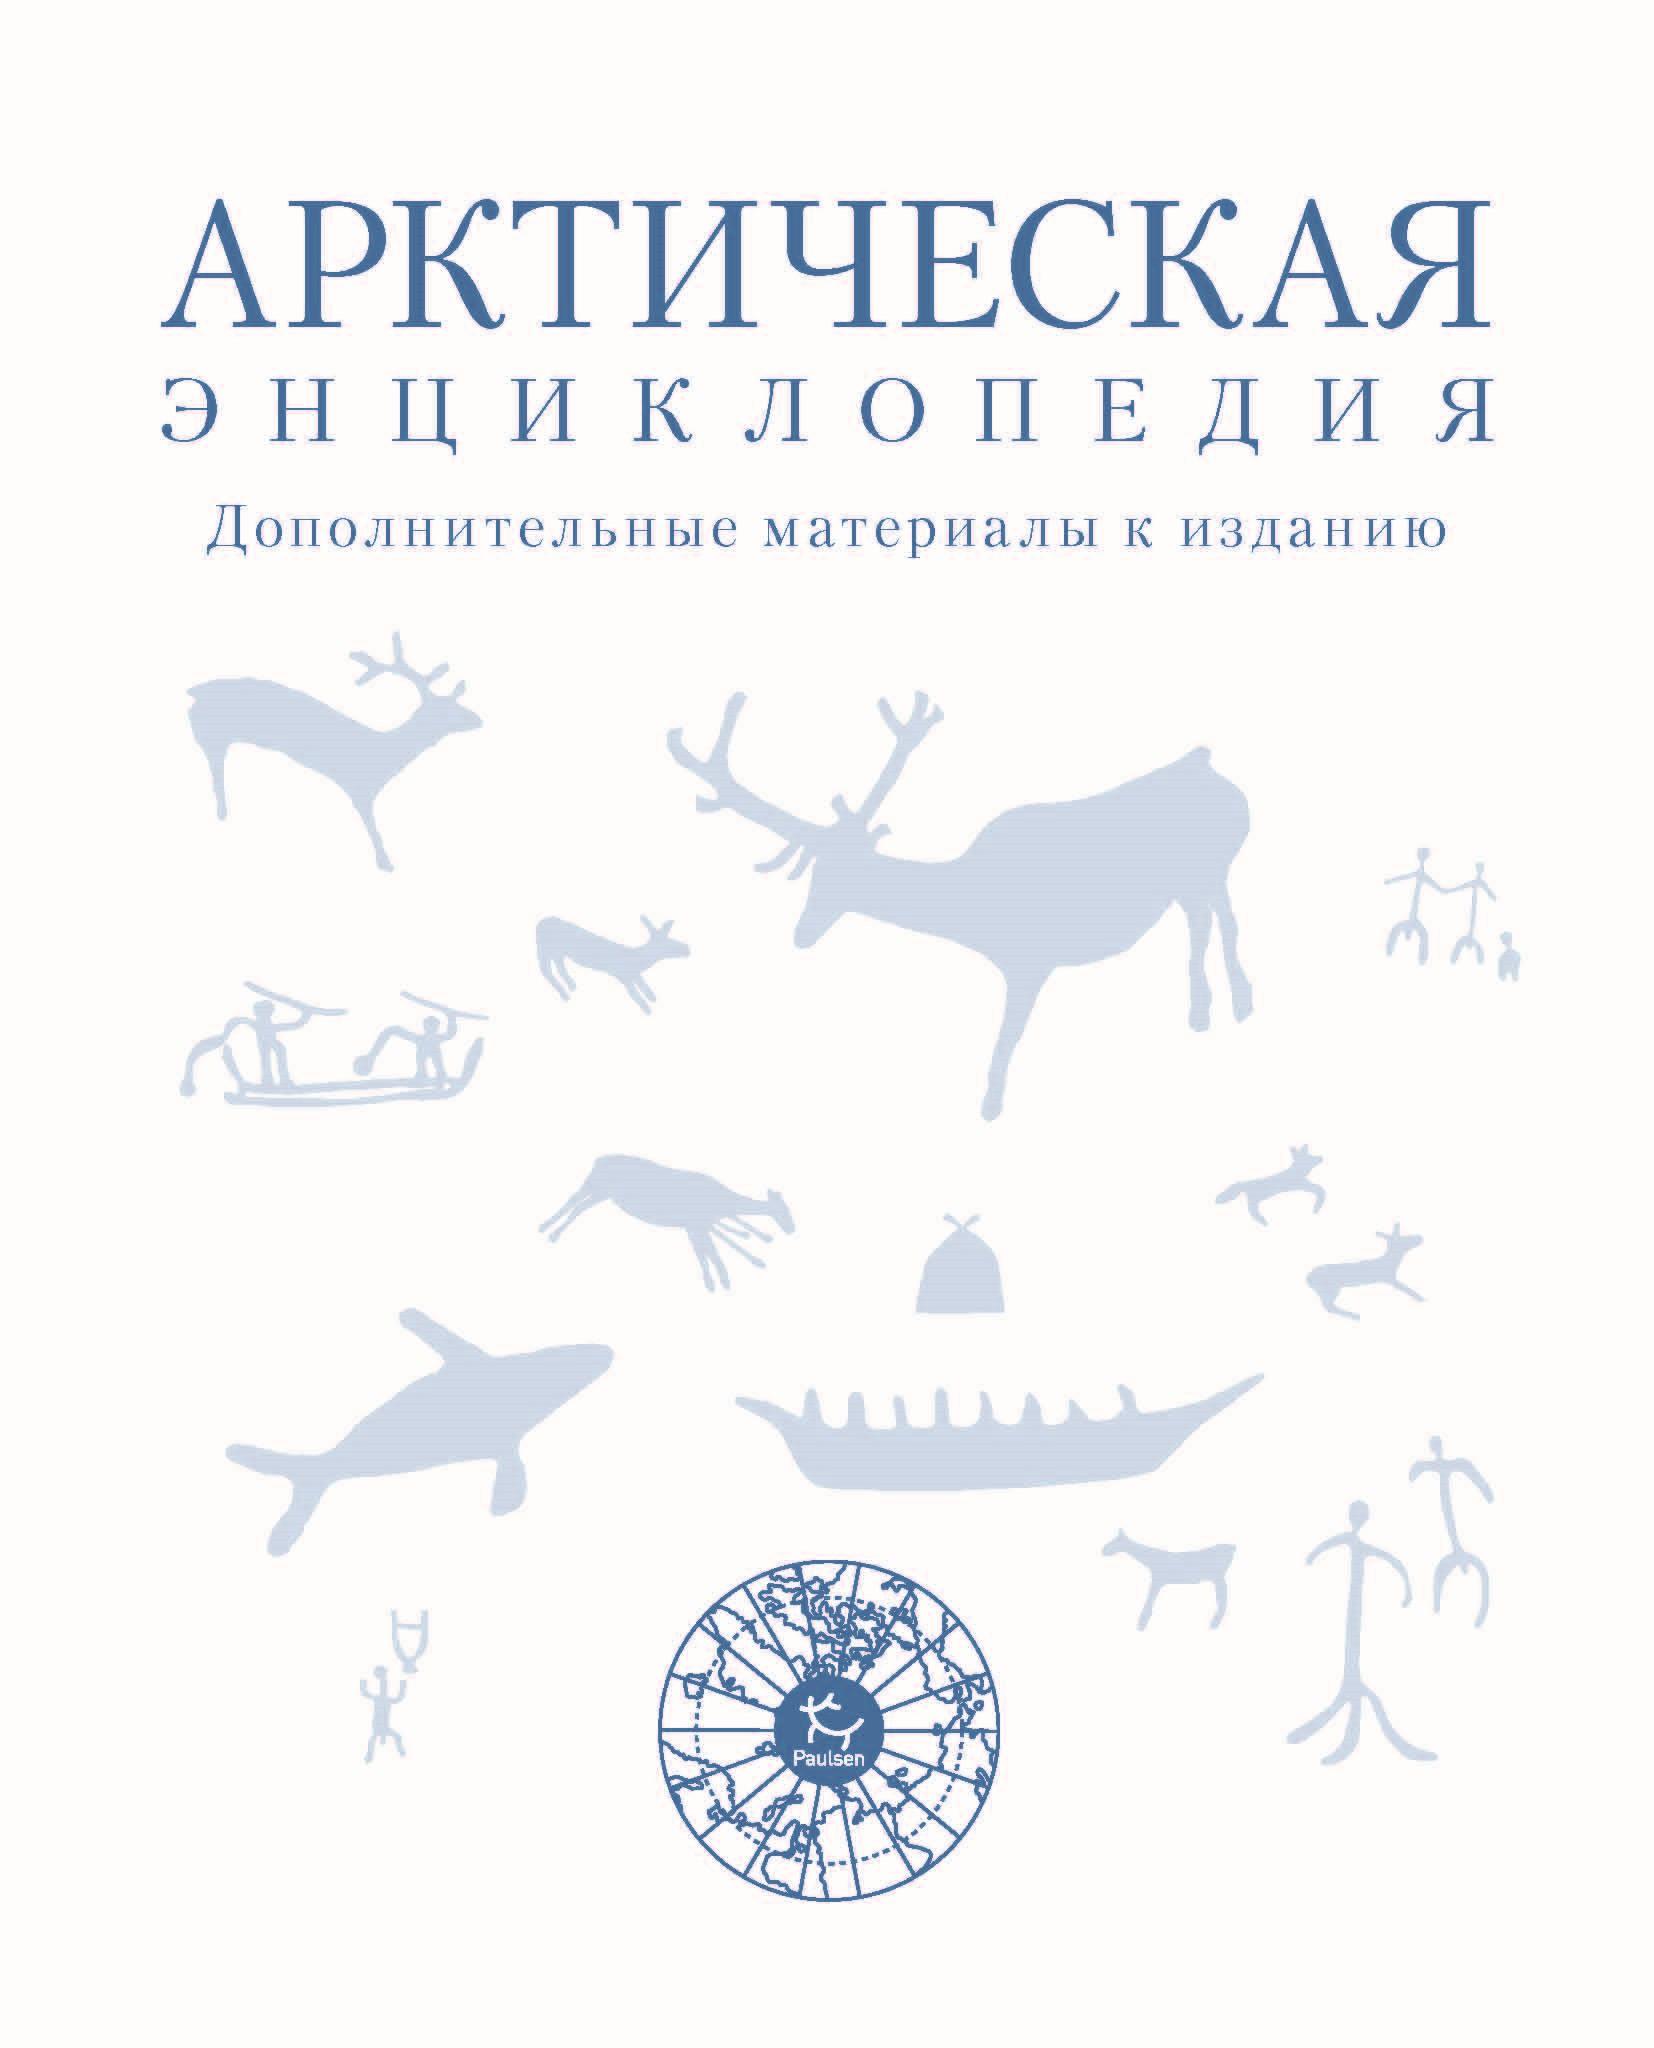 Коллектив авторов Арктическая энциклопедия. Дополнительные материалы к изданию